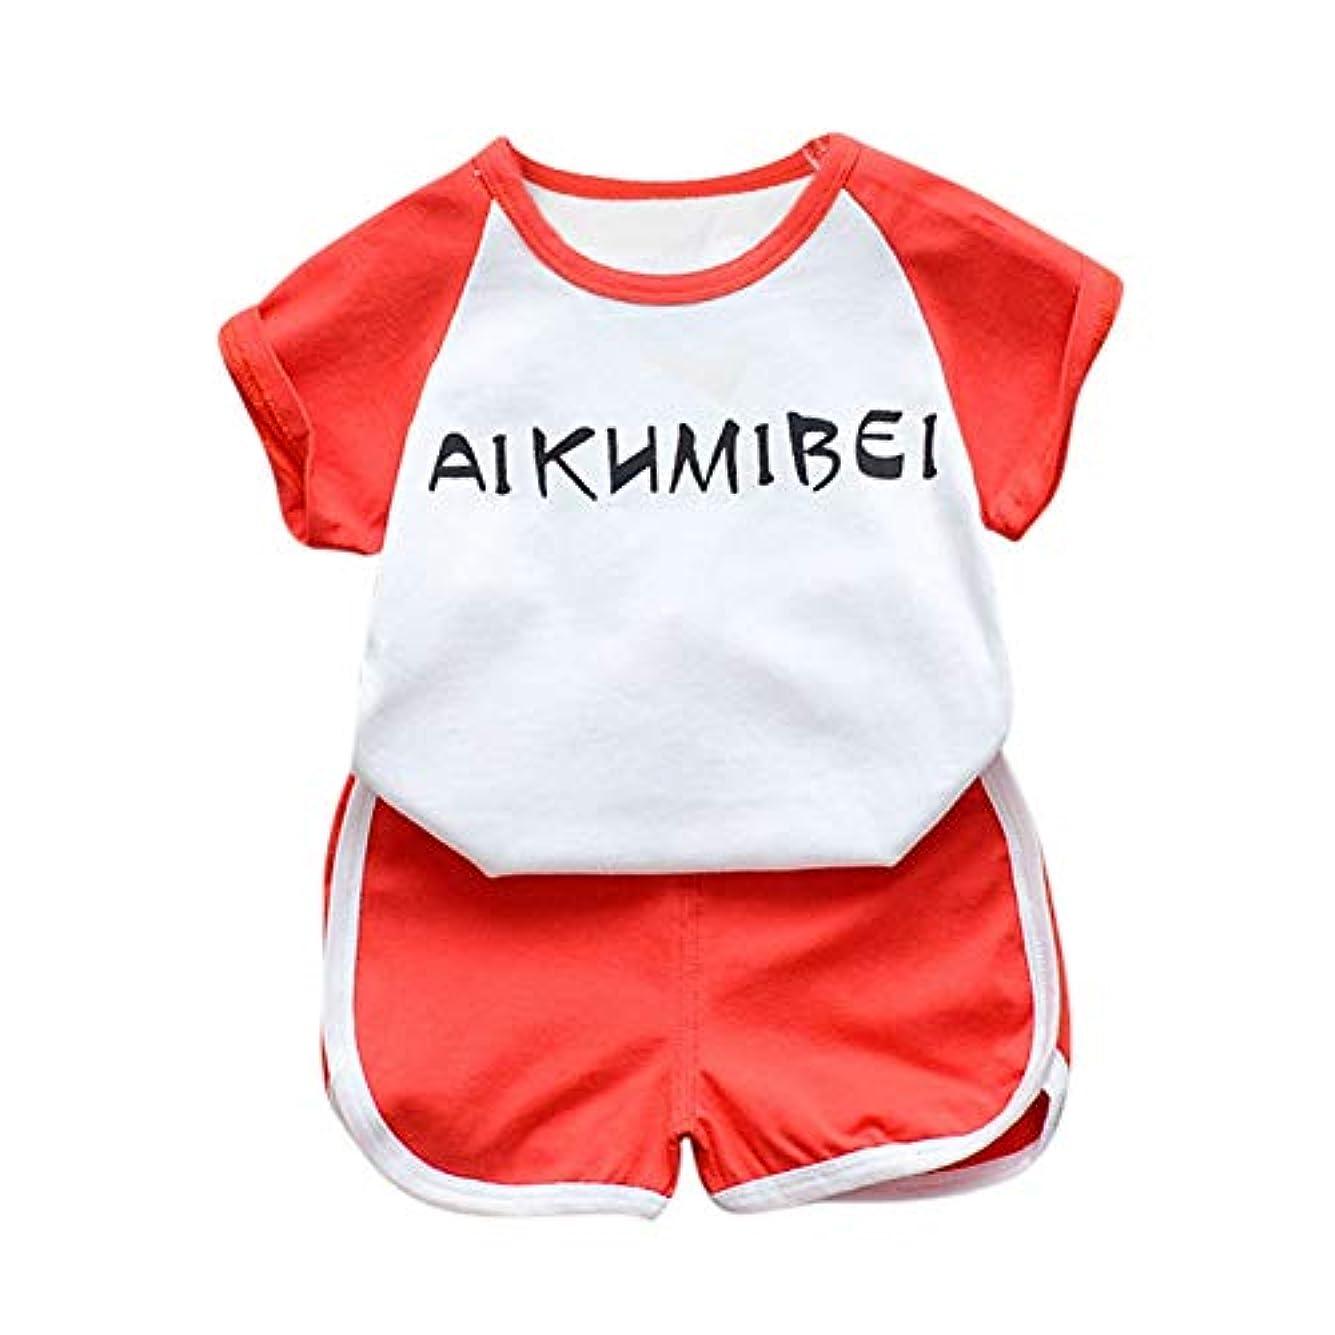 忘れっぽい勃起体細胞Rad子供 サマーキッズベビーボーイズカジュアル半袖レタープリントTシャツトップス+ショーツコスチュームセット